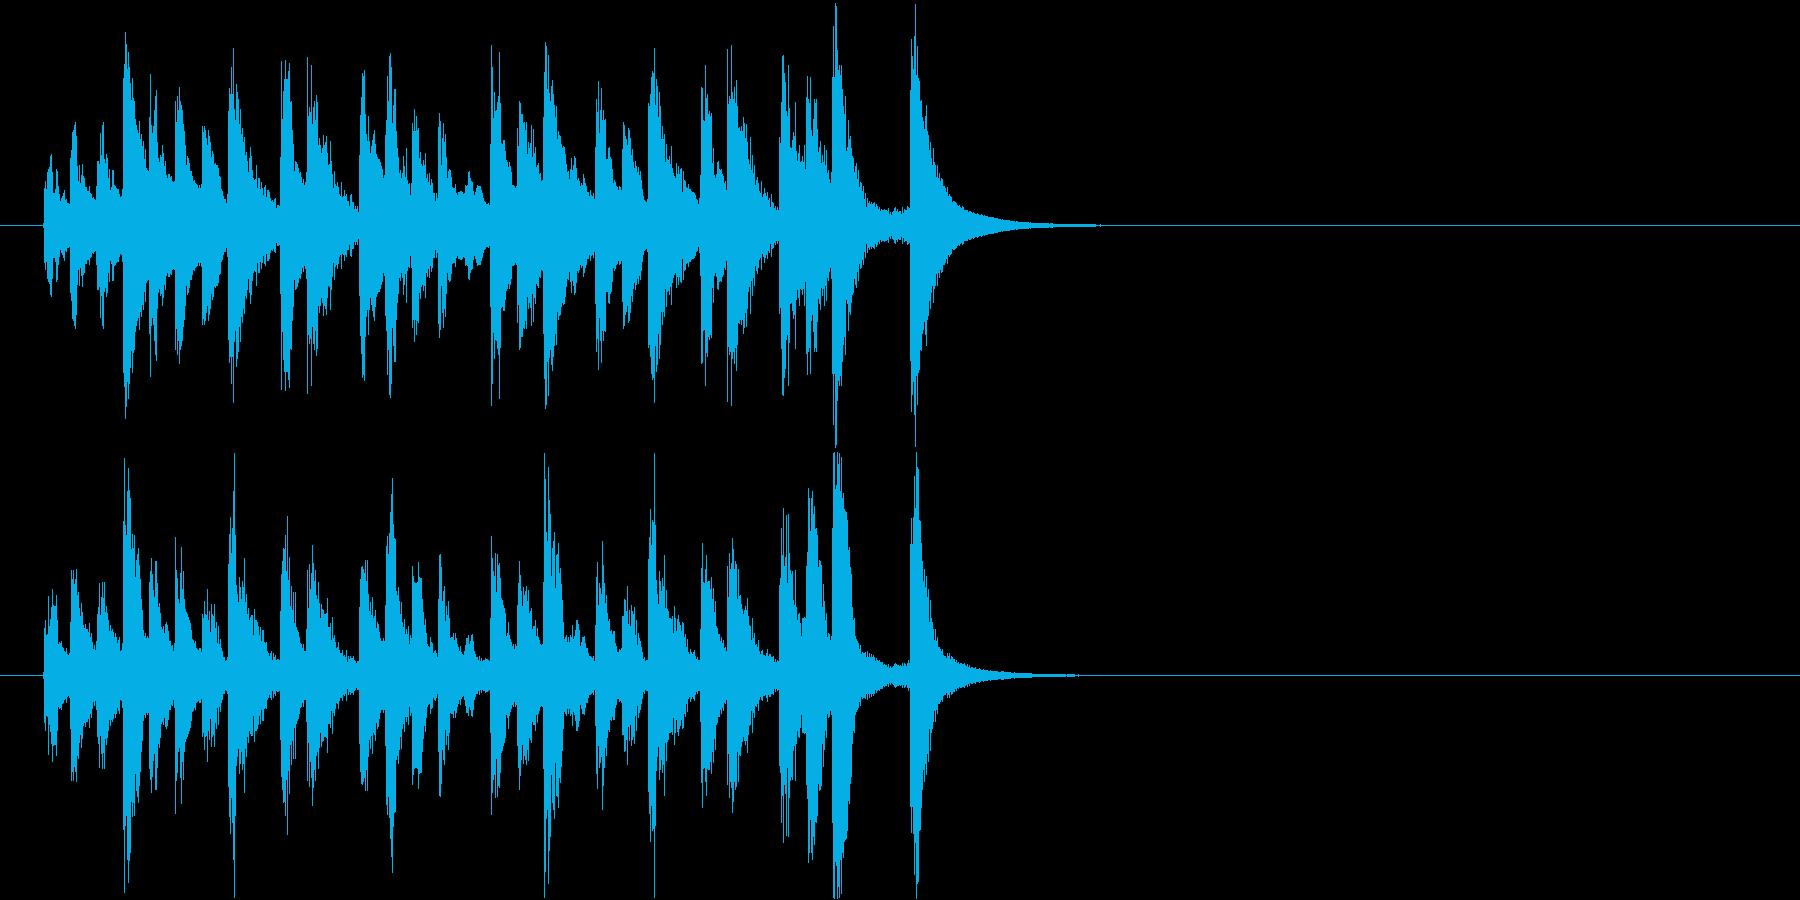 キラキラして可愛いピチカートジングルの再生済みの波形